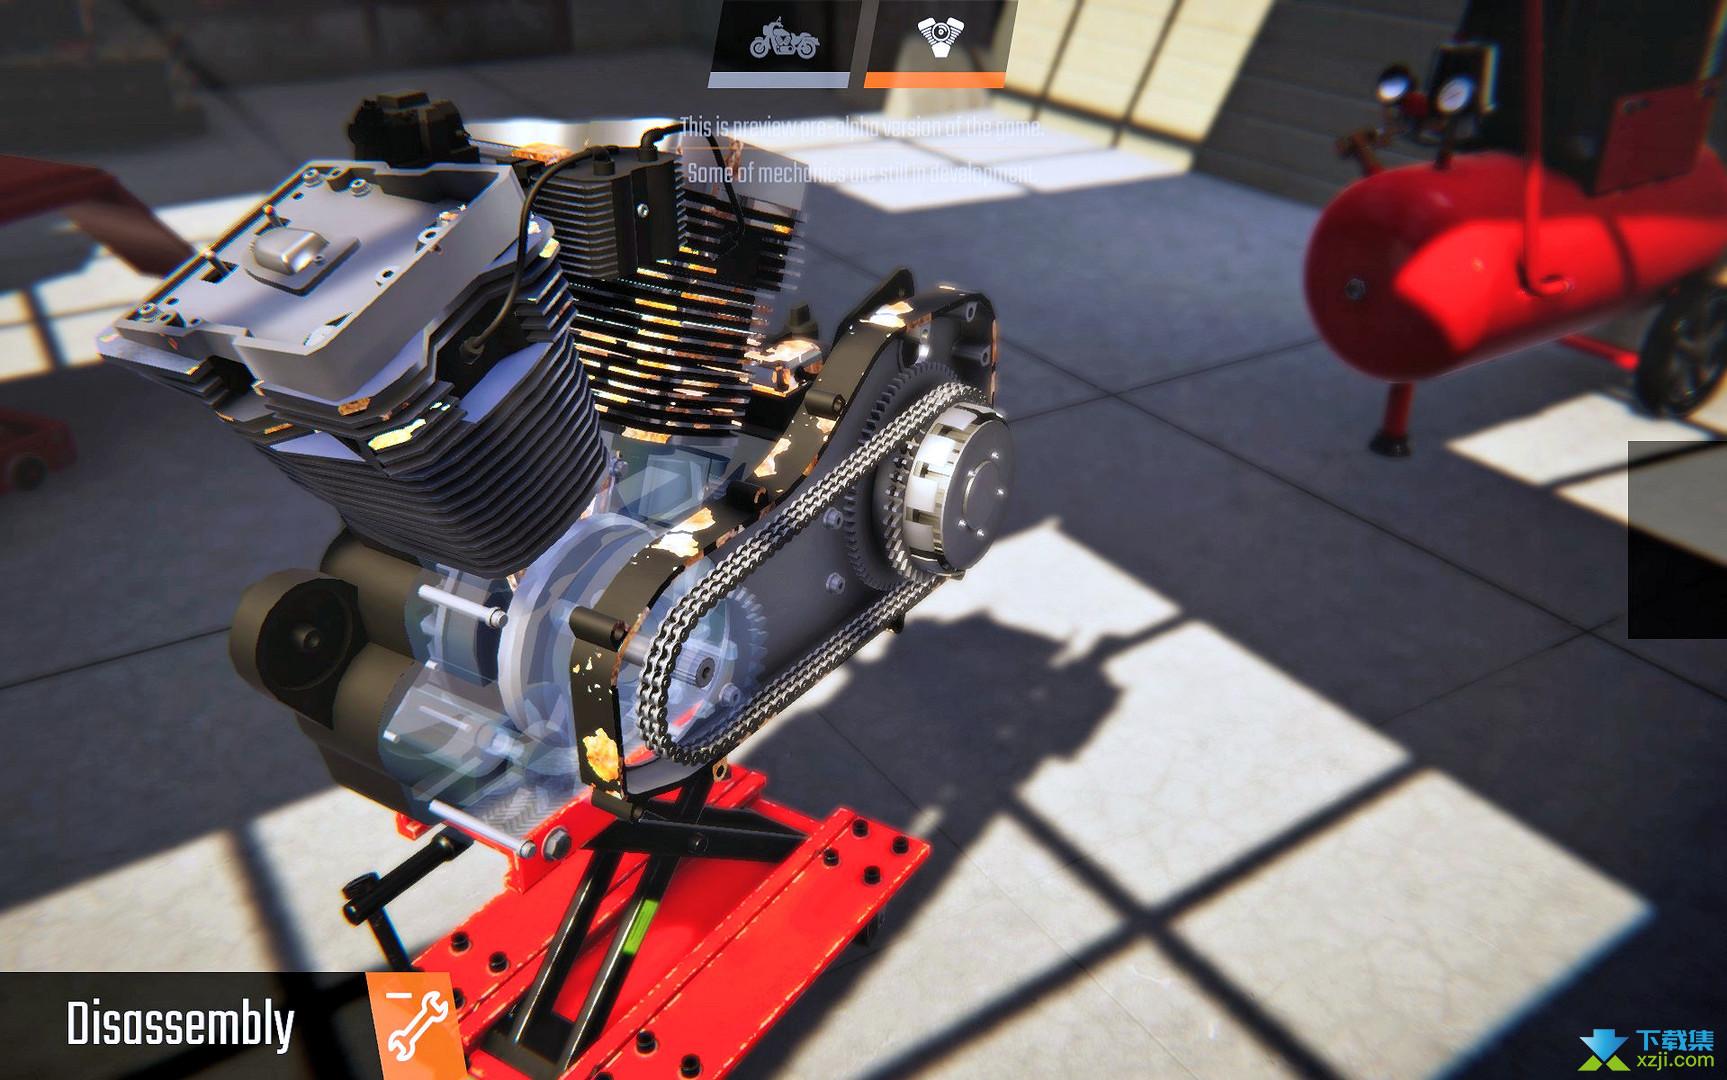 摩托工坊机修模拟器界面1